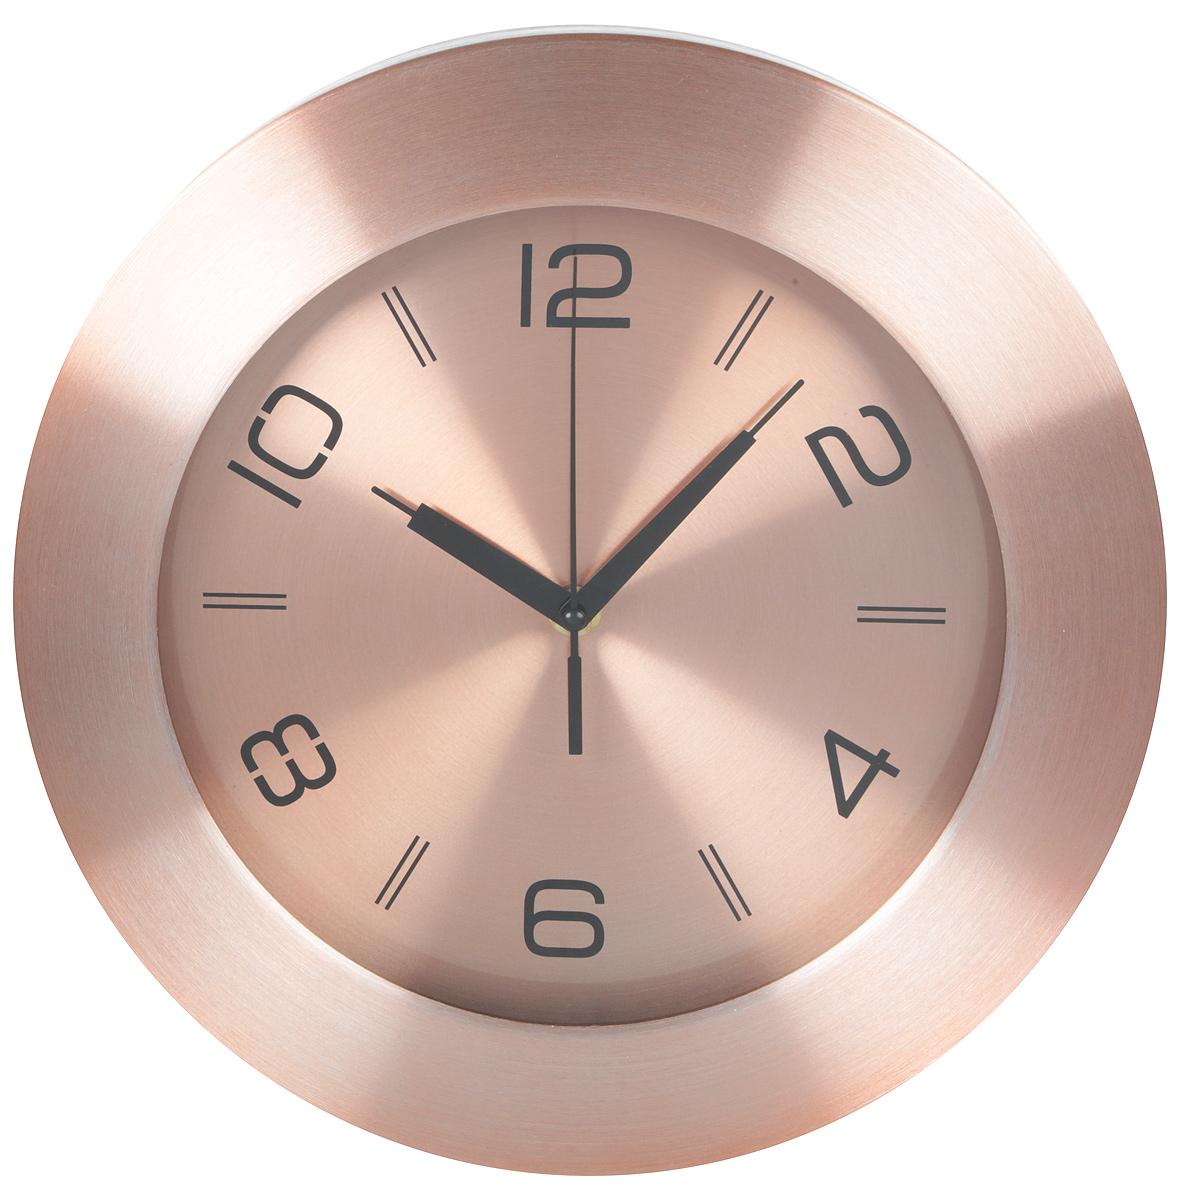 Часы настенные Arte Nuevo, диаметр 30 см часы настенные arte nuevo sweet home 21 5 см